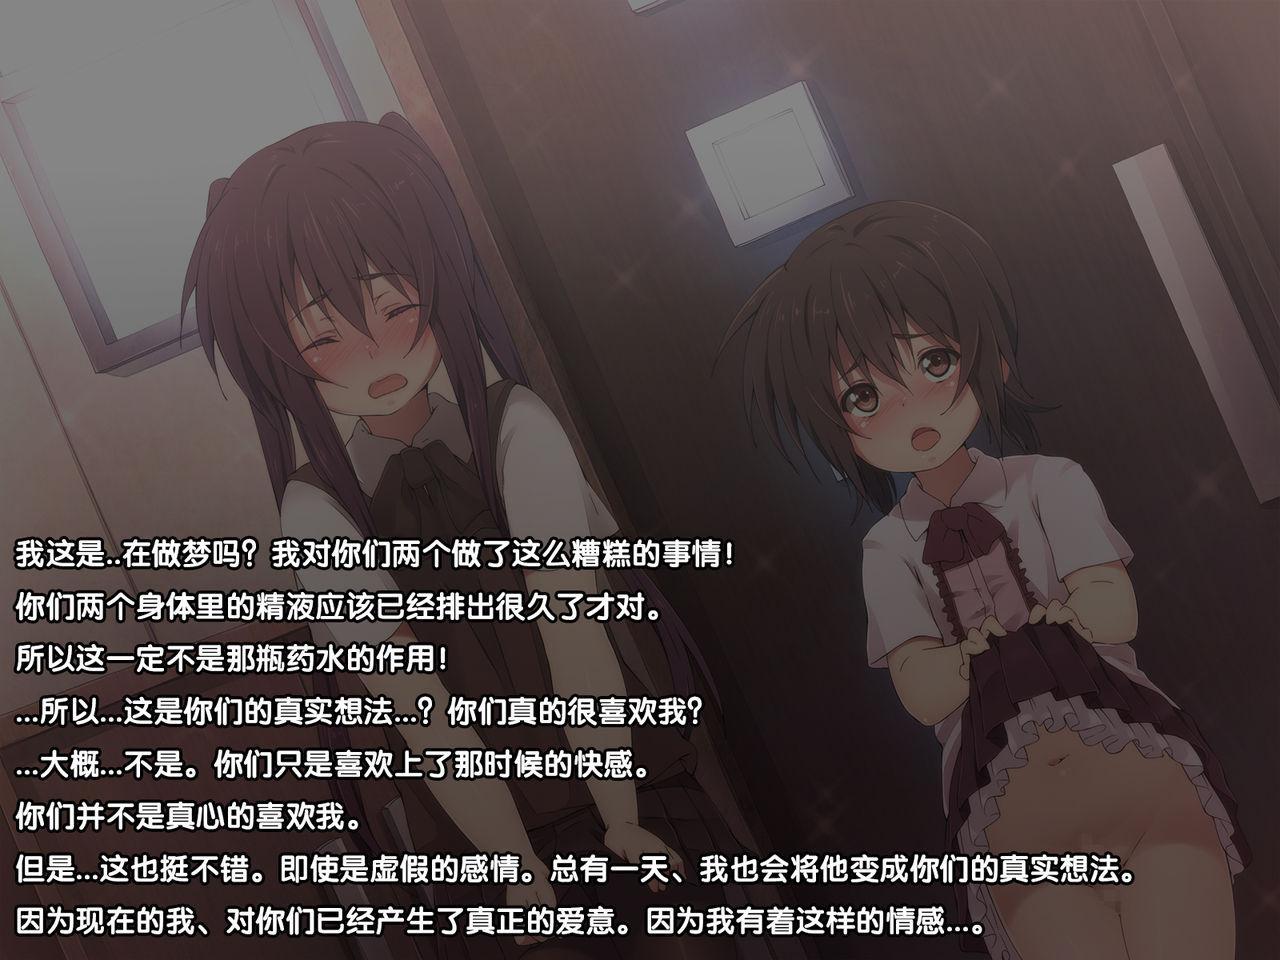 Seiryokuzai de Seiyoku Bouhatsu! Tairyou Tanetsuke de Shota Kyoudai Kyousei Harabote! 116